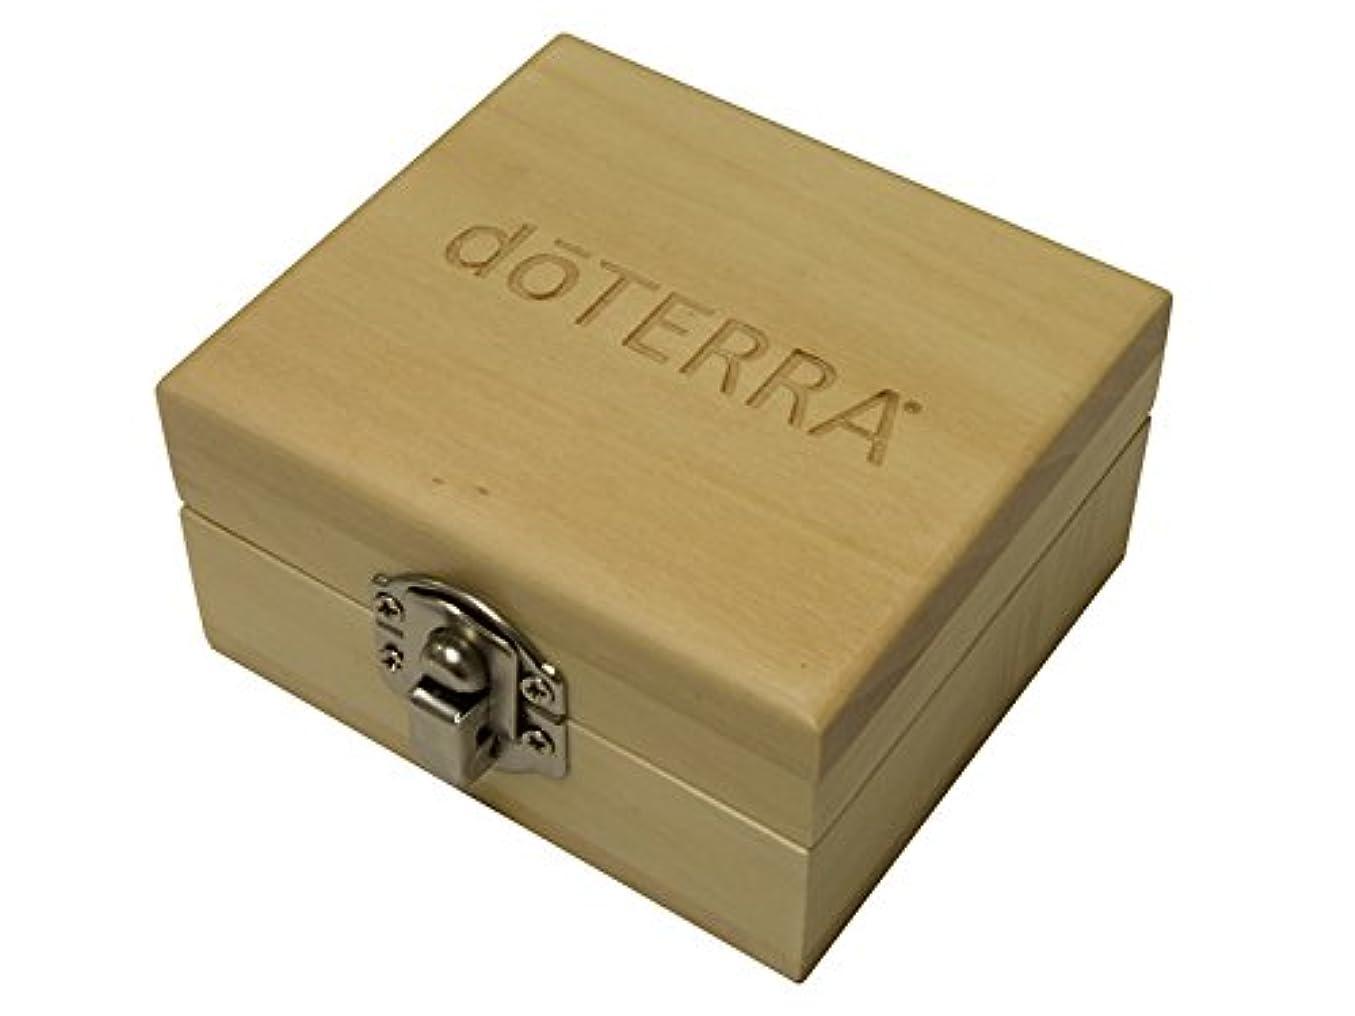 (ドテラ) doTERRA ウッドボックス ライトブラウン ミニサイズ 木箱 エッセンシャルオイル 精油 整理箱